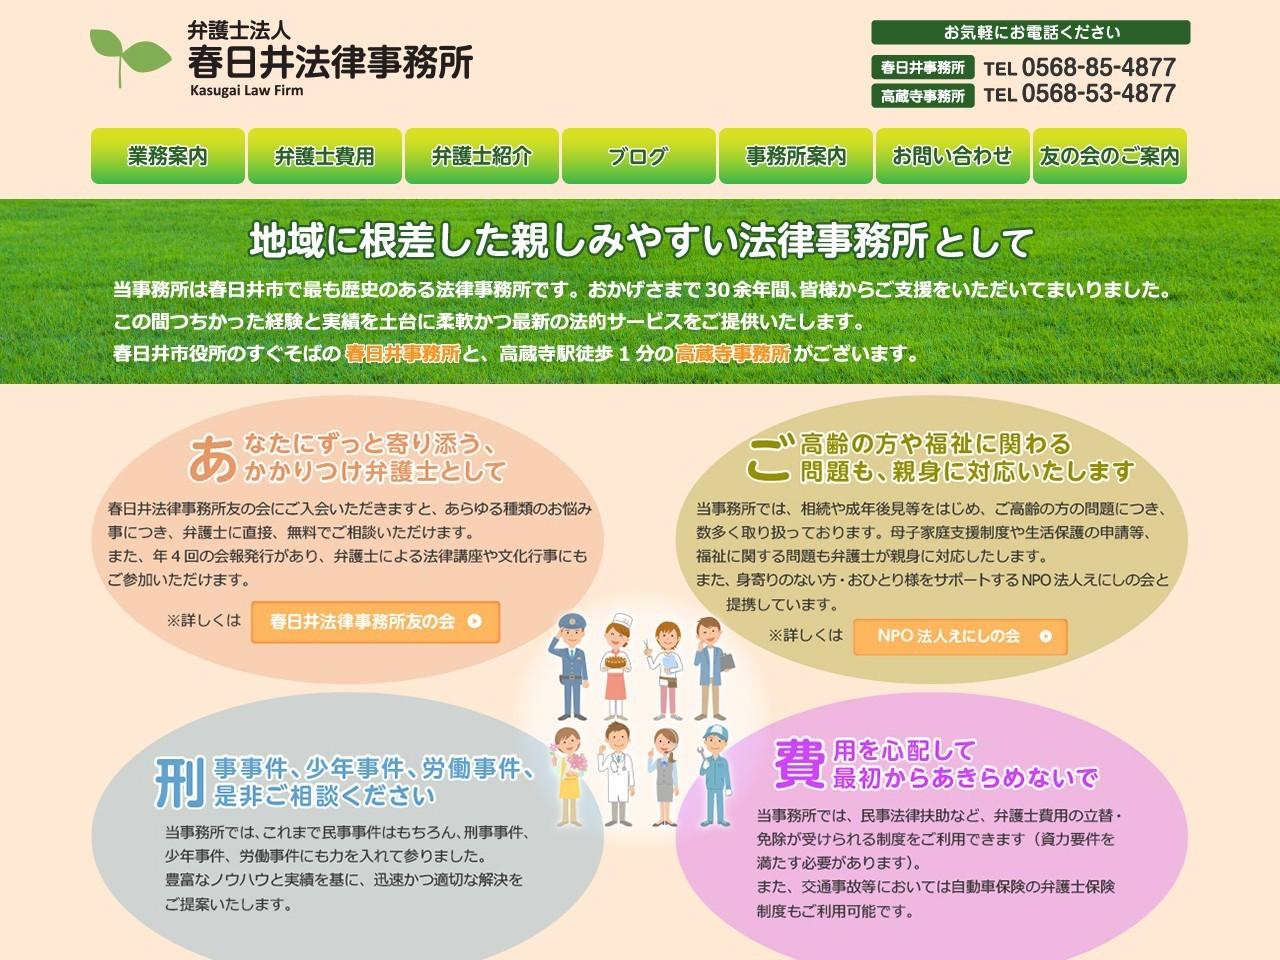 春日井法律事務所(弁護士法人)